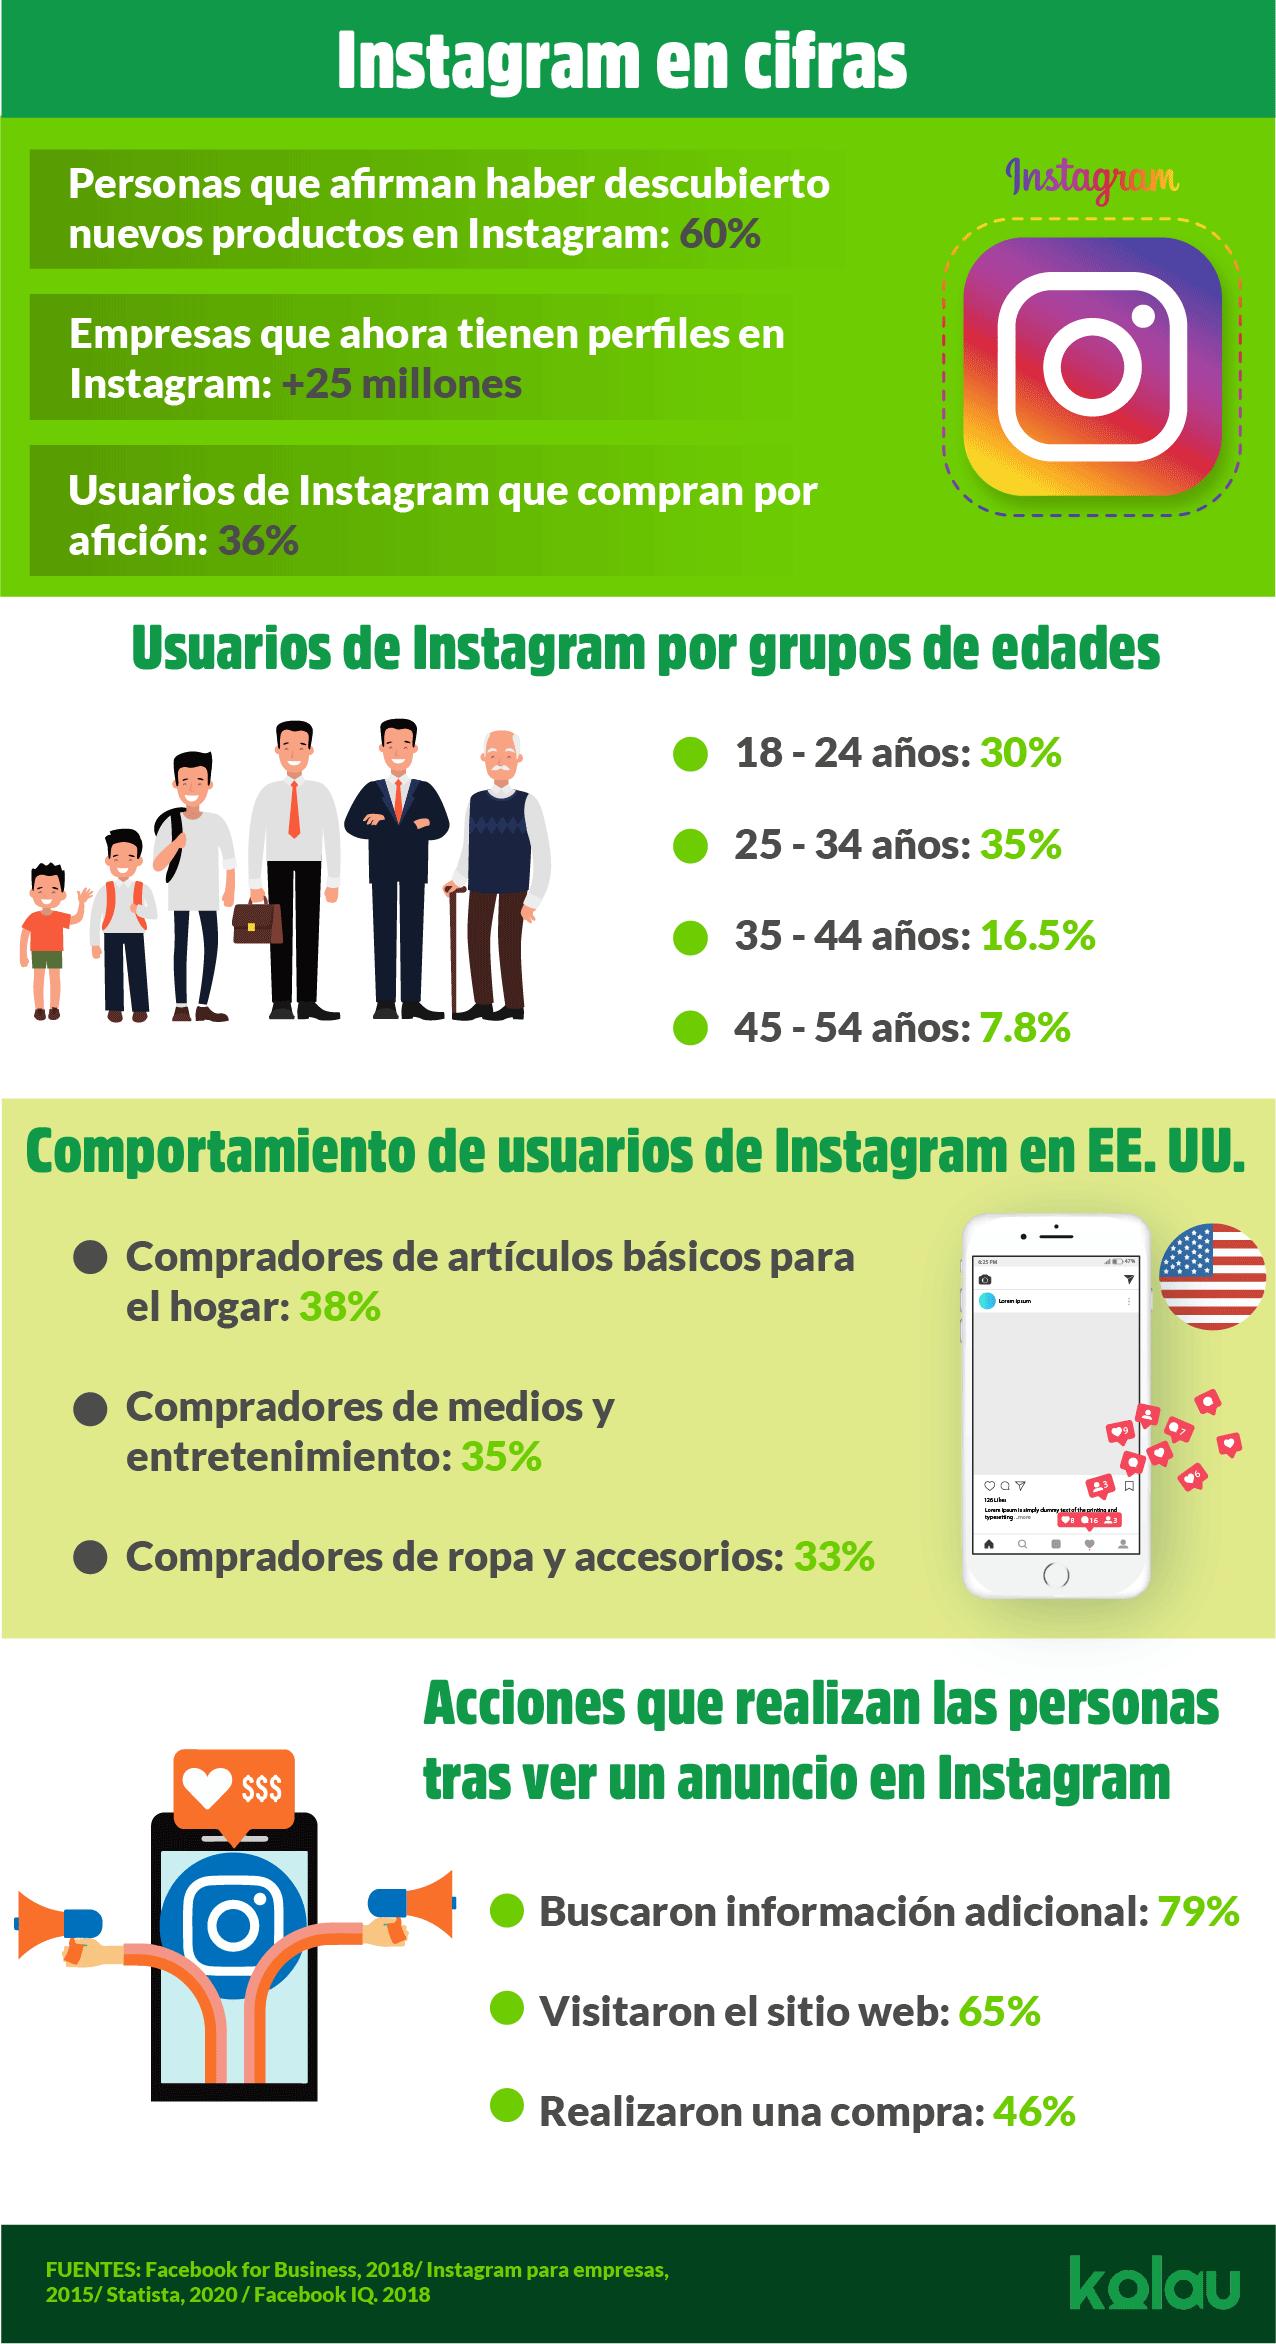 Cómo vender en Instagram. Infográfico